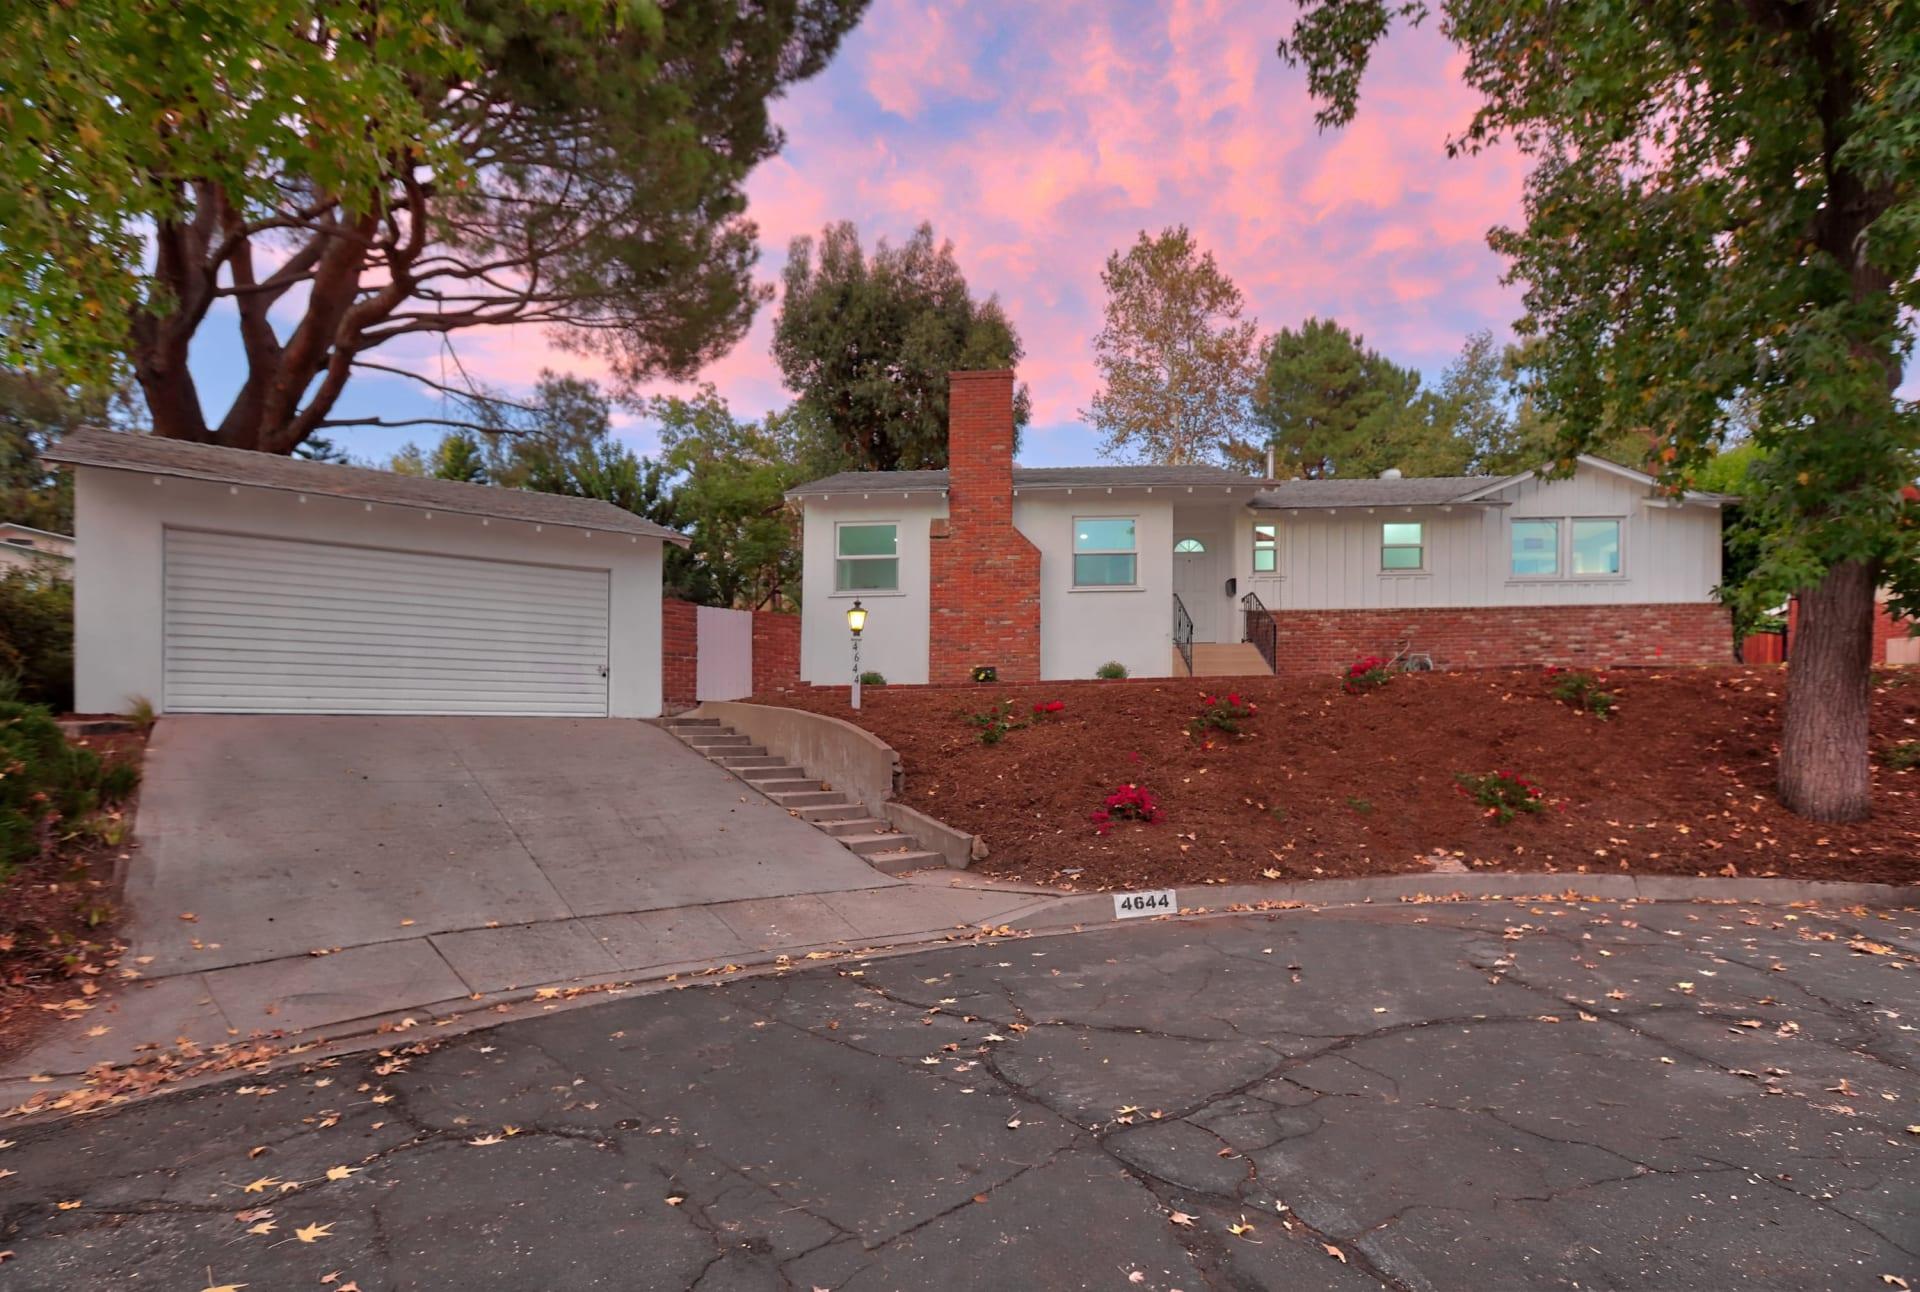 SOLD by Edwin Ordubegian | 4644 Willalee Ave, La Crescenta, CA video preview